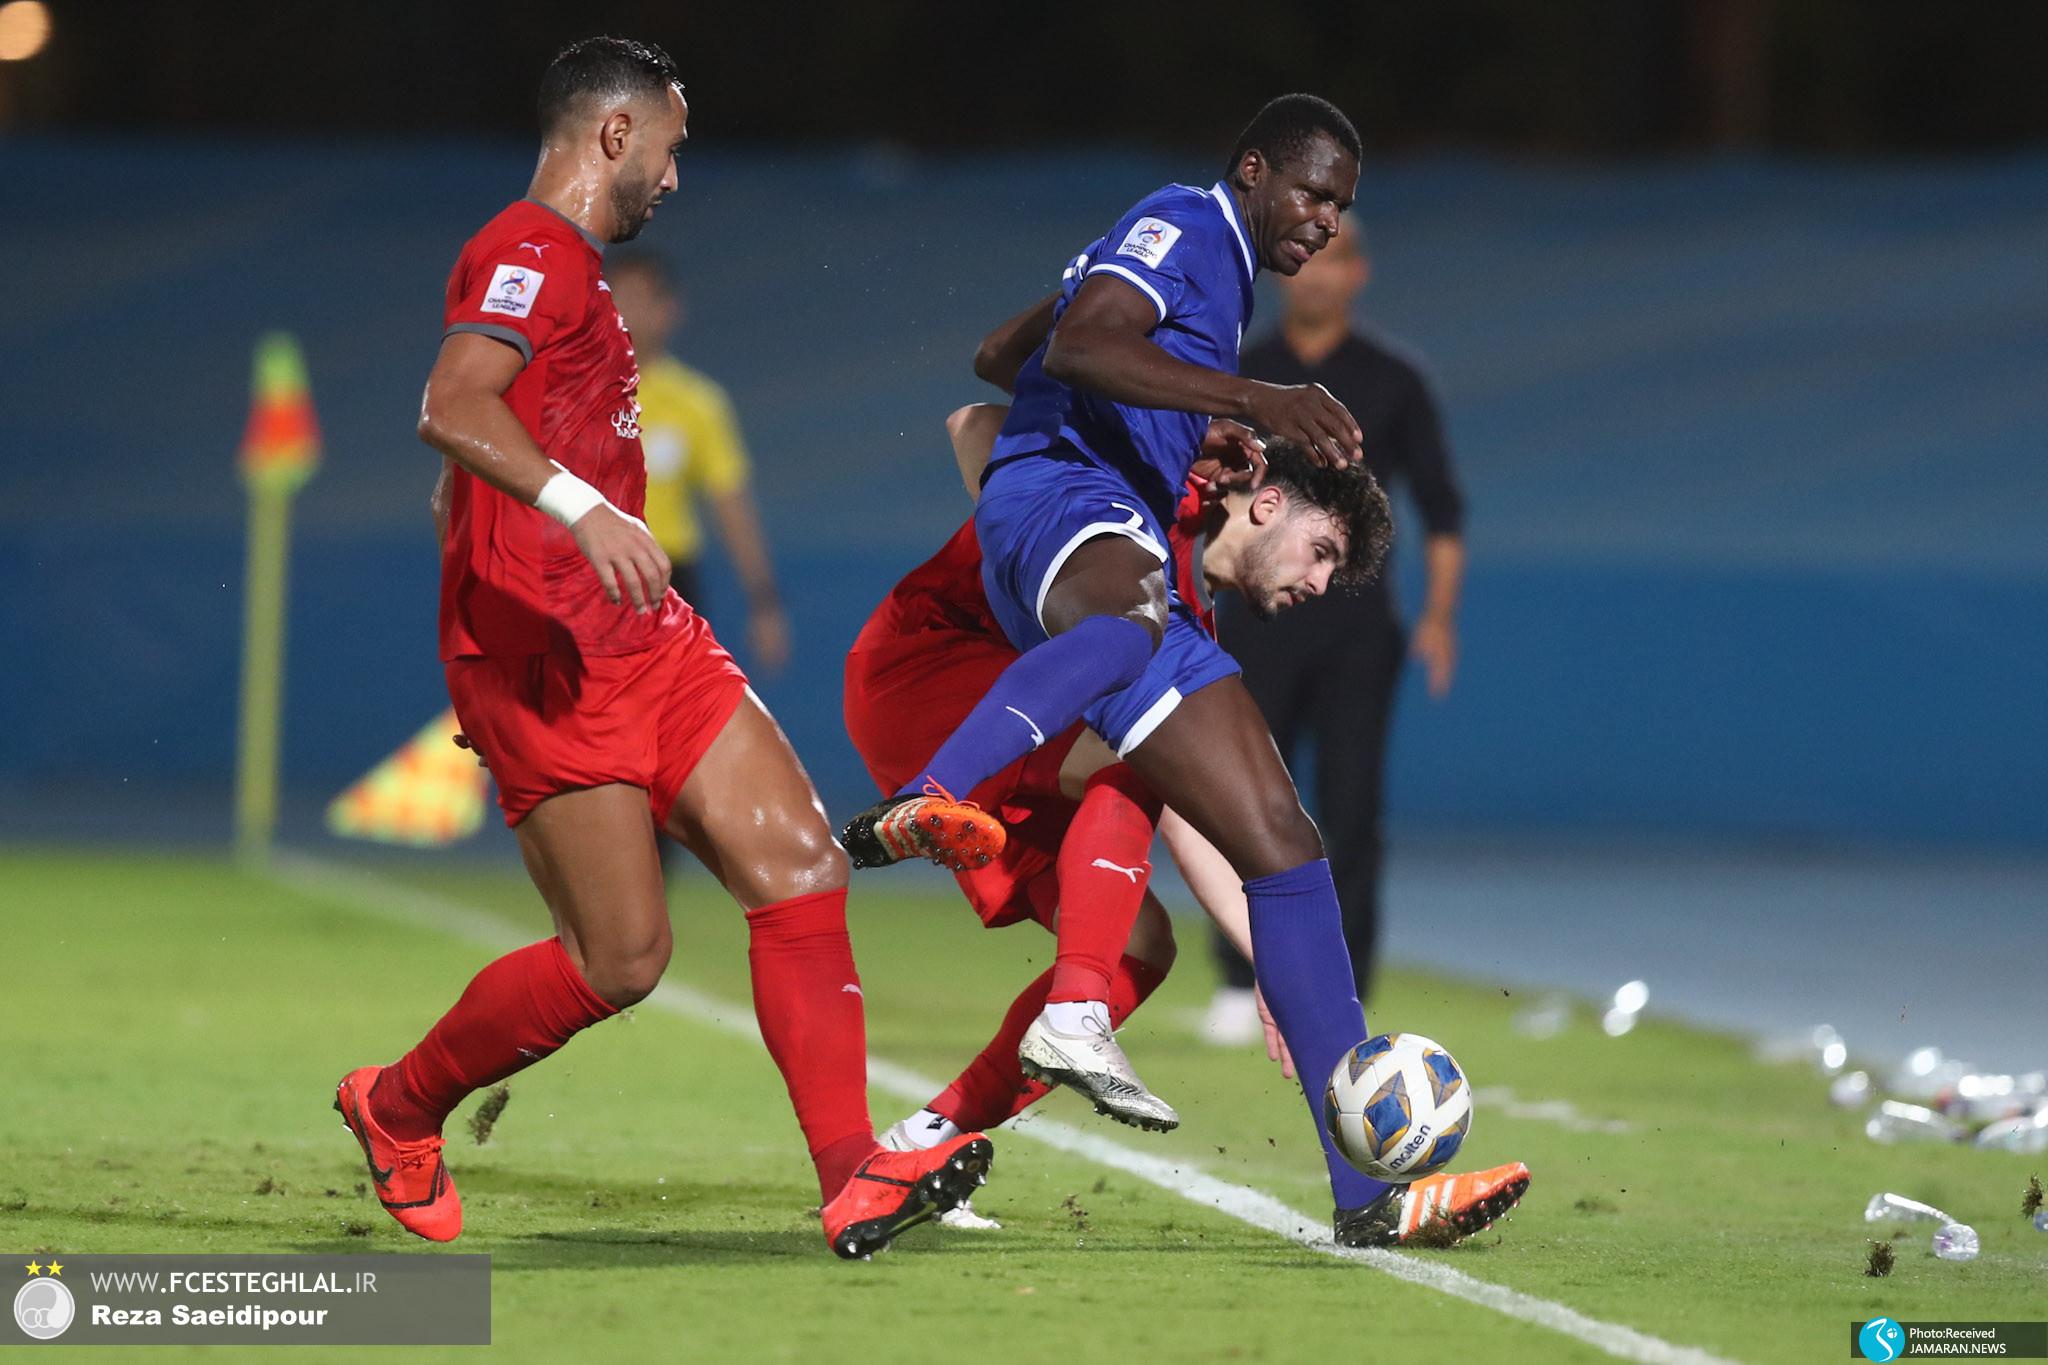 لیگ قهرمانان آسیا استقلال الدحیل قطر شیخ دیاباته